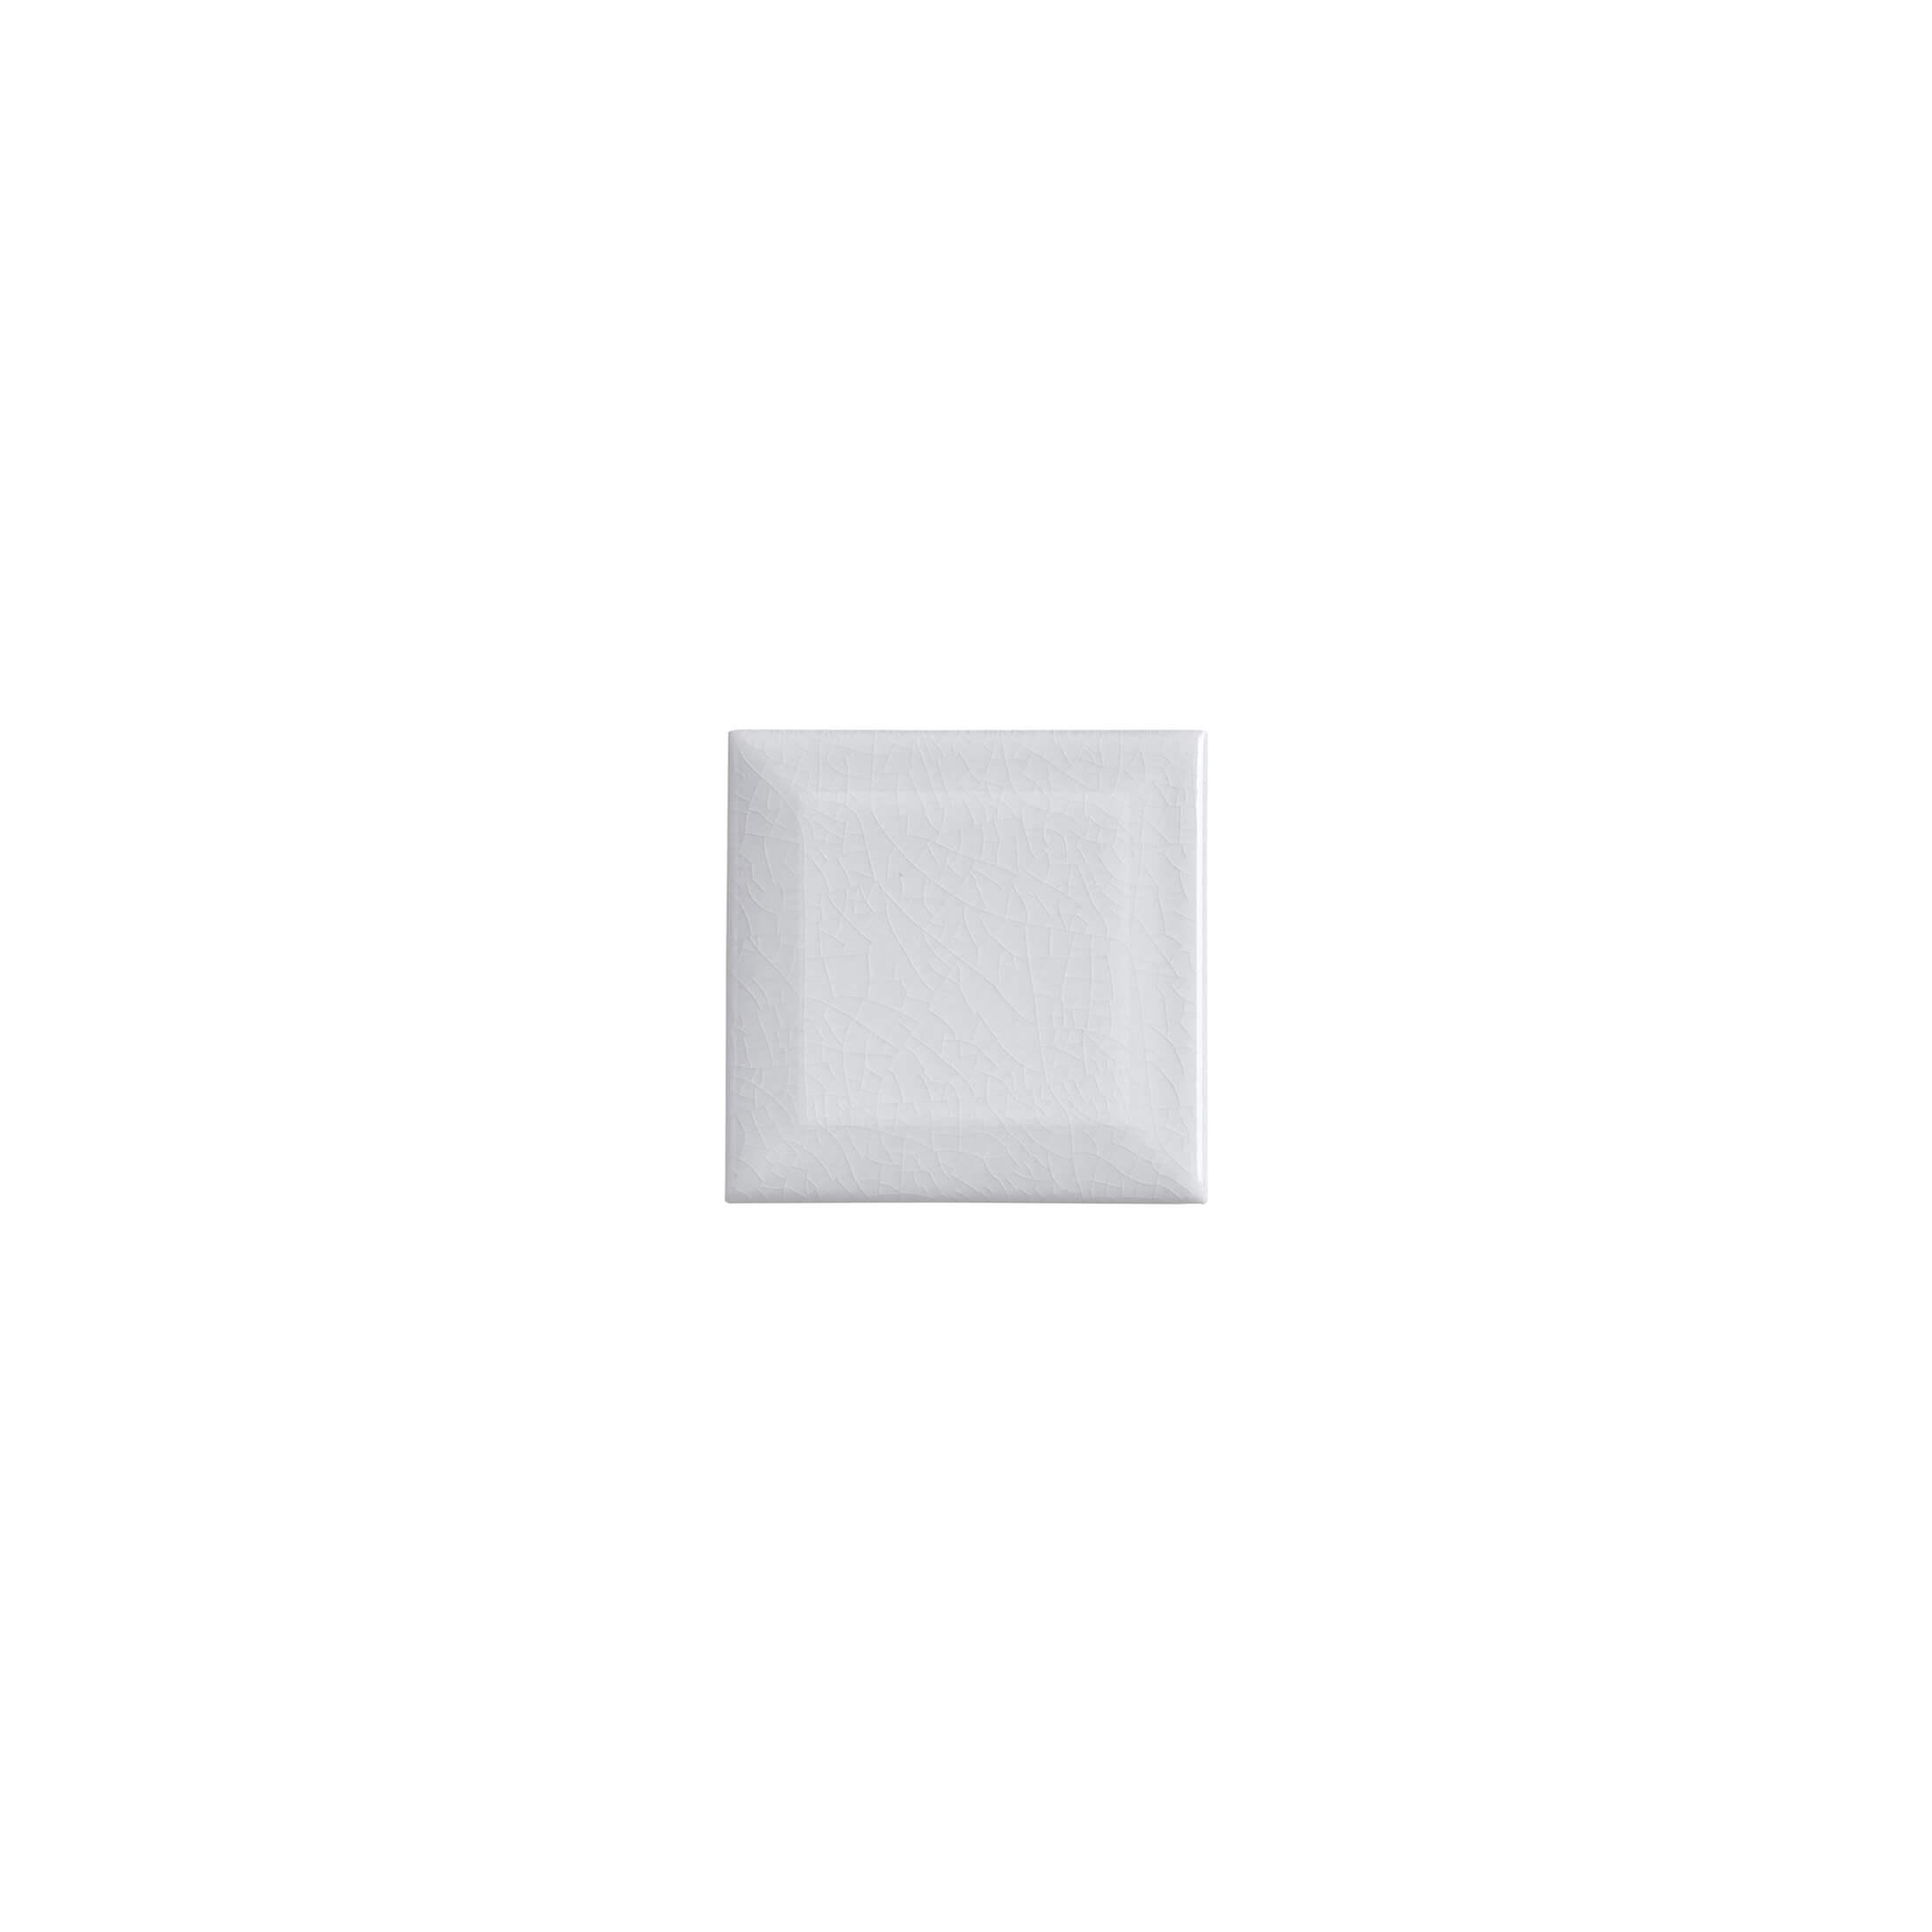 ADMO5499 - BISELADO PB C/C - 7.5 cm X 7.5 cm